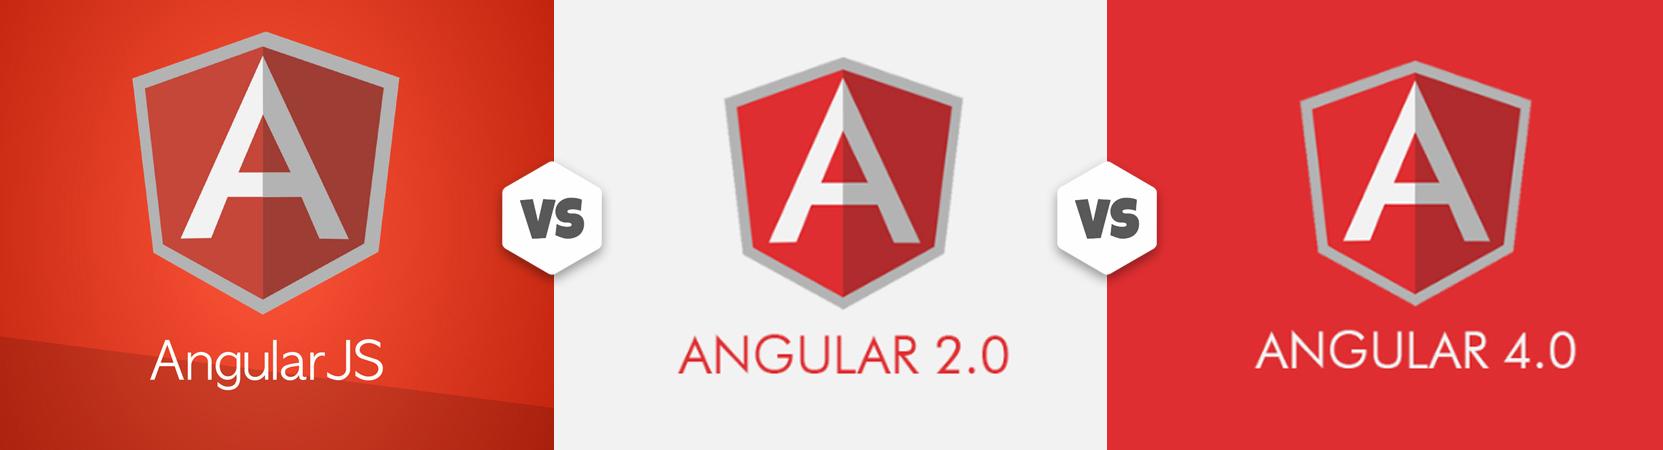 angularjs vs angular2